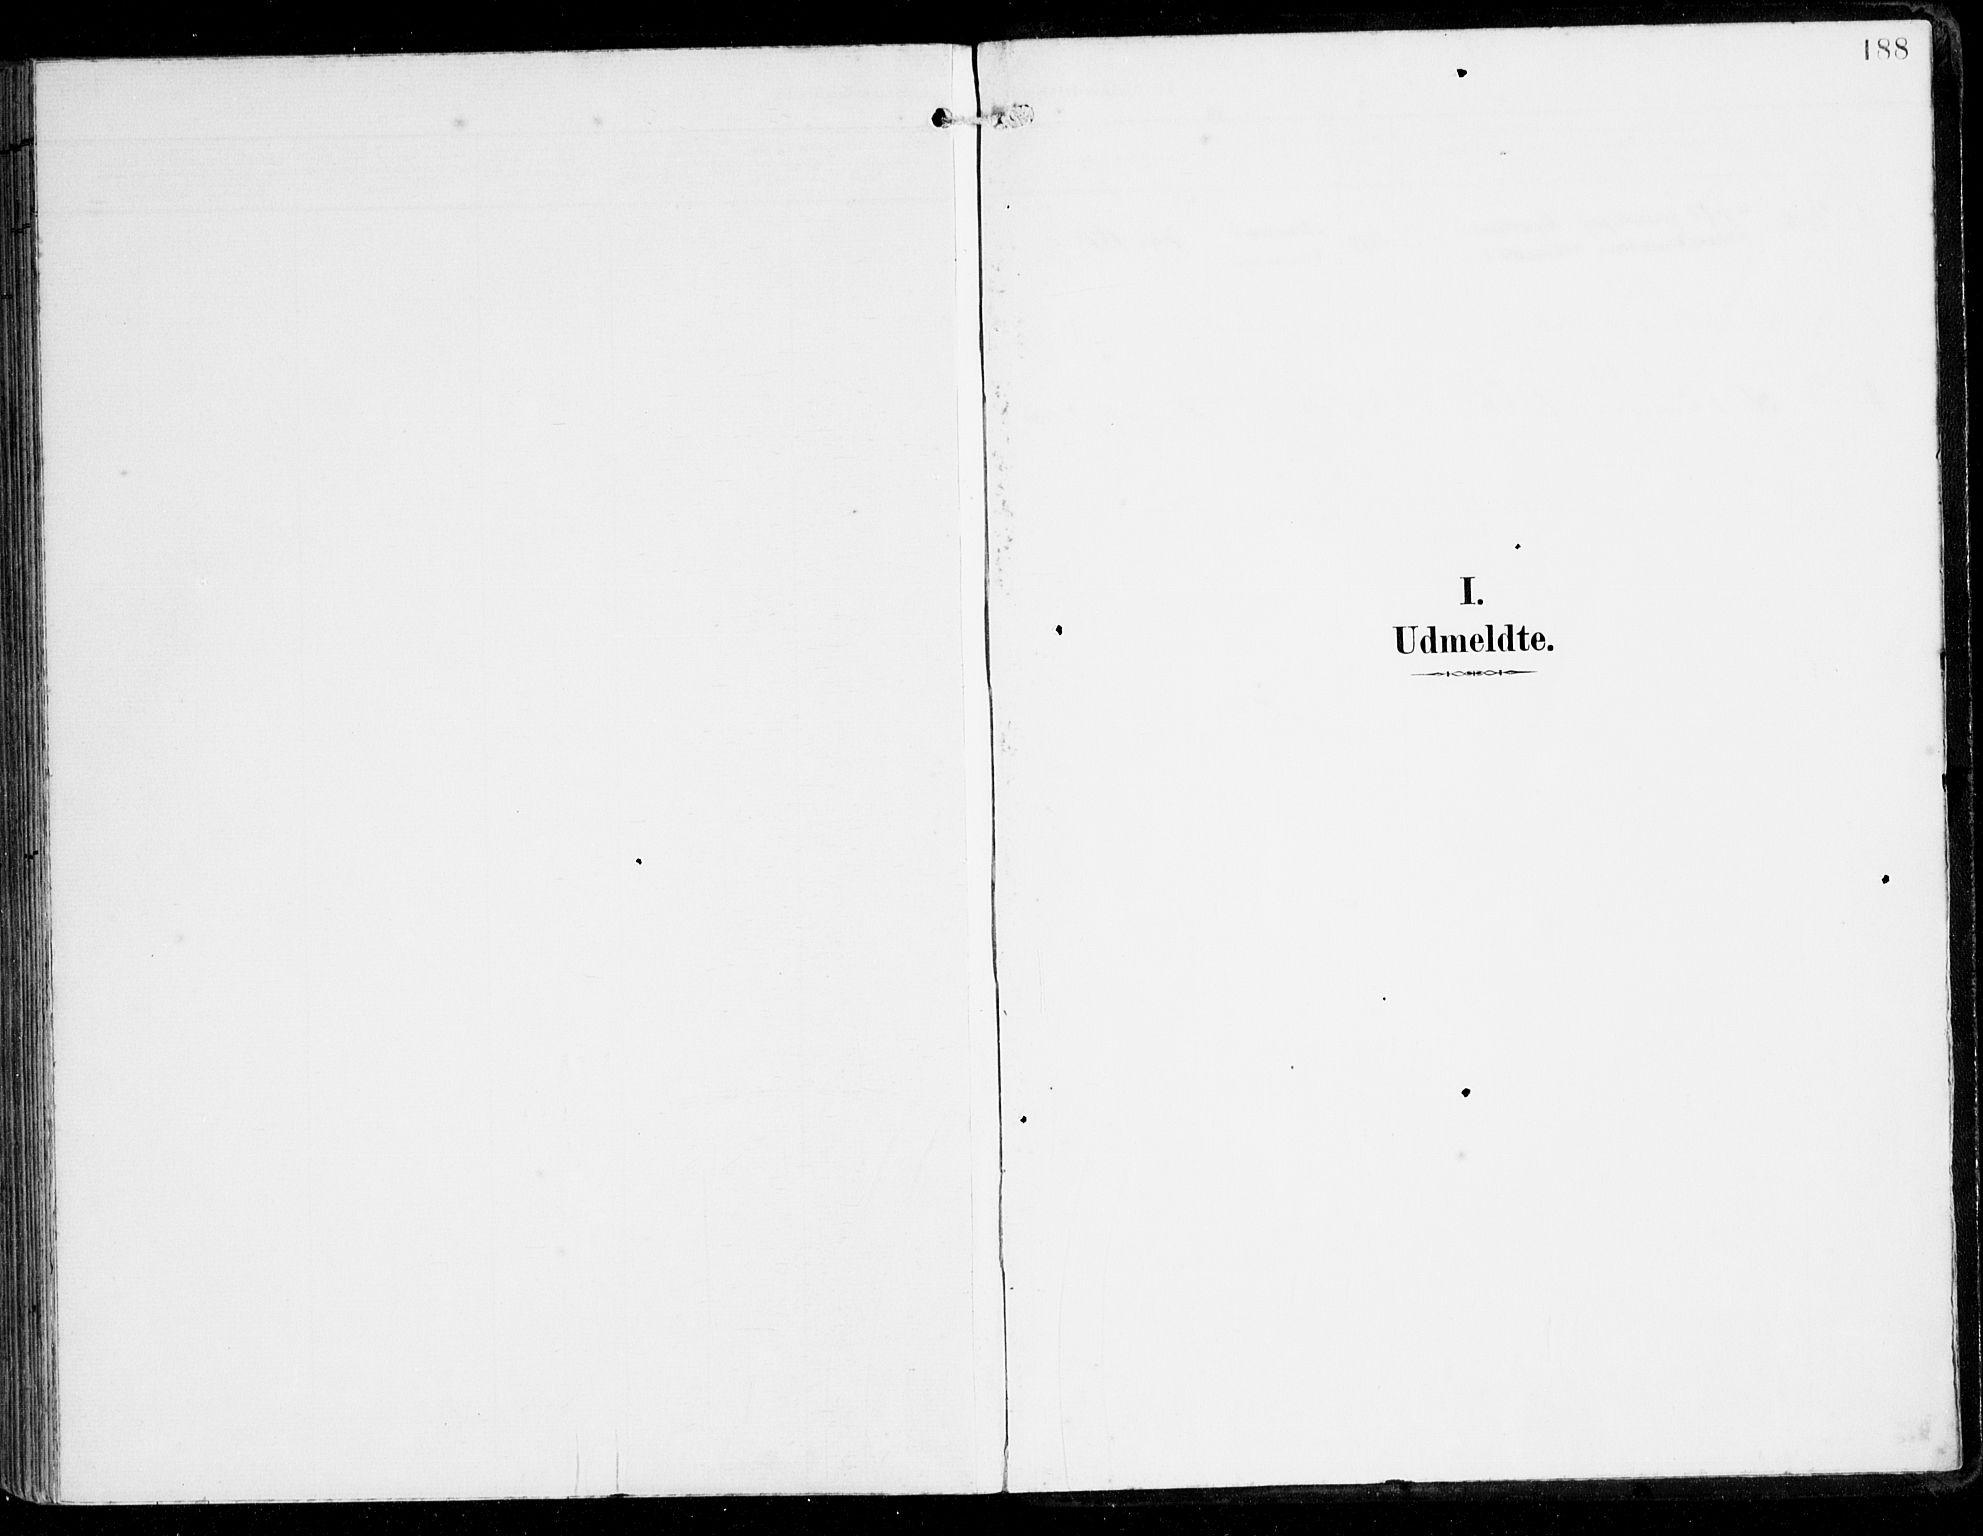 SAB, Alversund Sokneprestembete, H/Ha/Haa/Haad/L0004: Ministerialbok nr. D 4, 1898-1926, s. 188